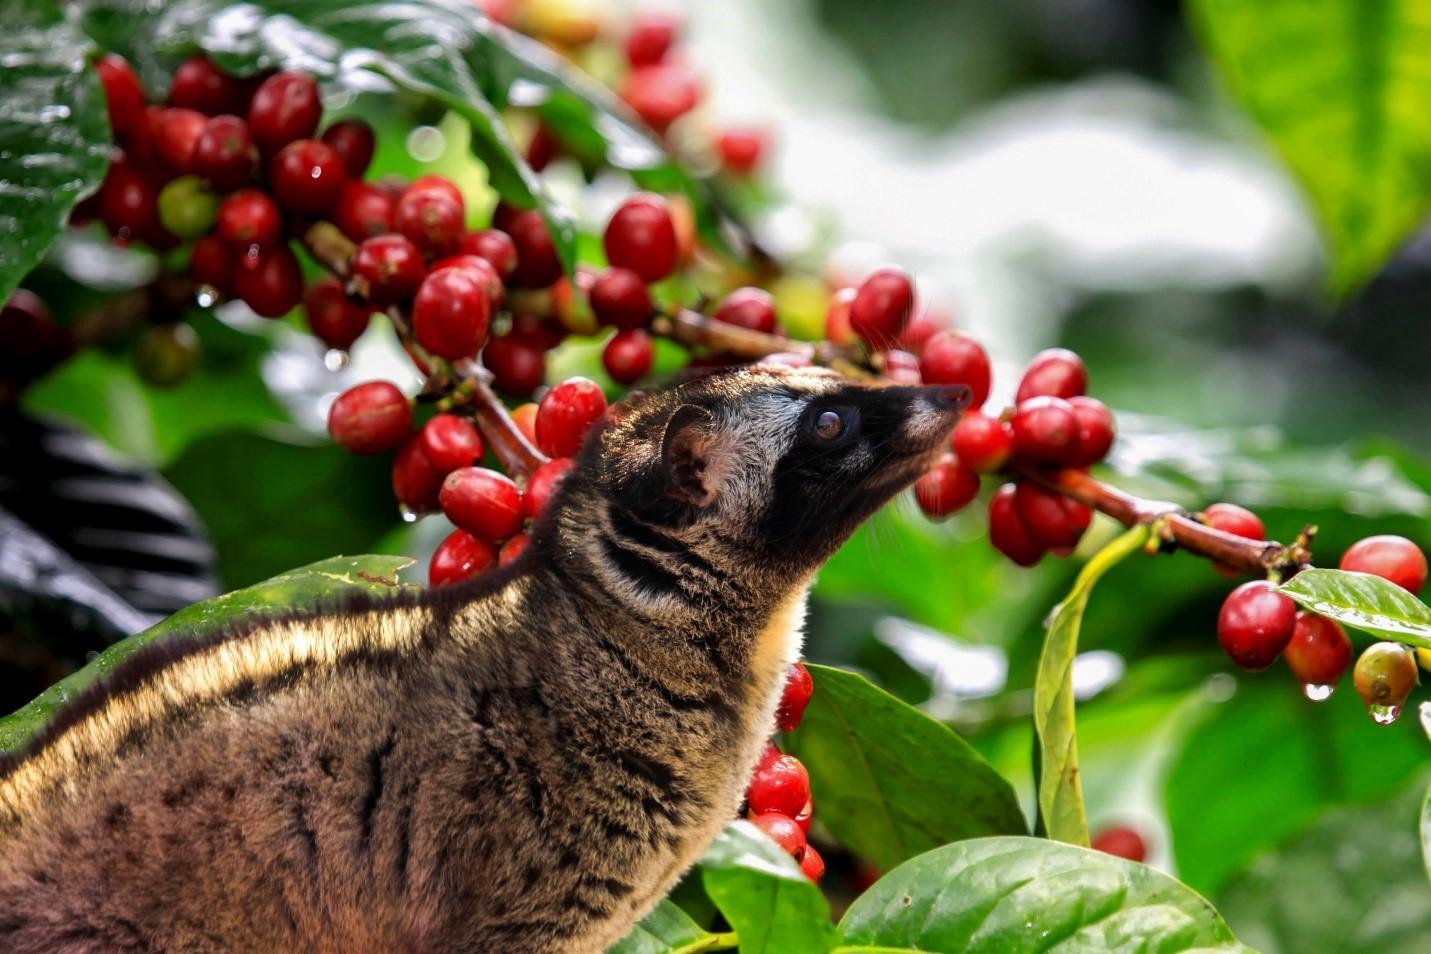 Cà phê chồn là sự kết hợp độc đáo giữa cà phê và loài chồn nhỏ bé vùng Đông Nam Á